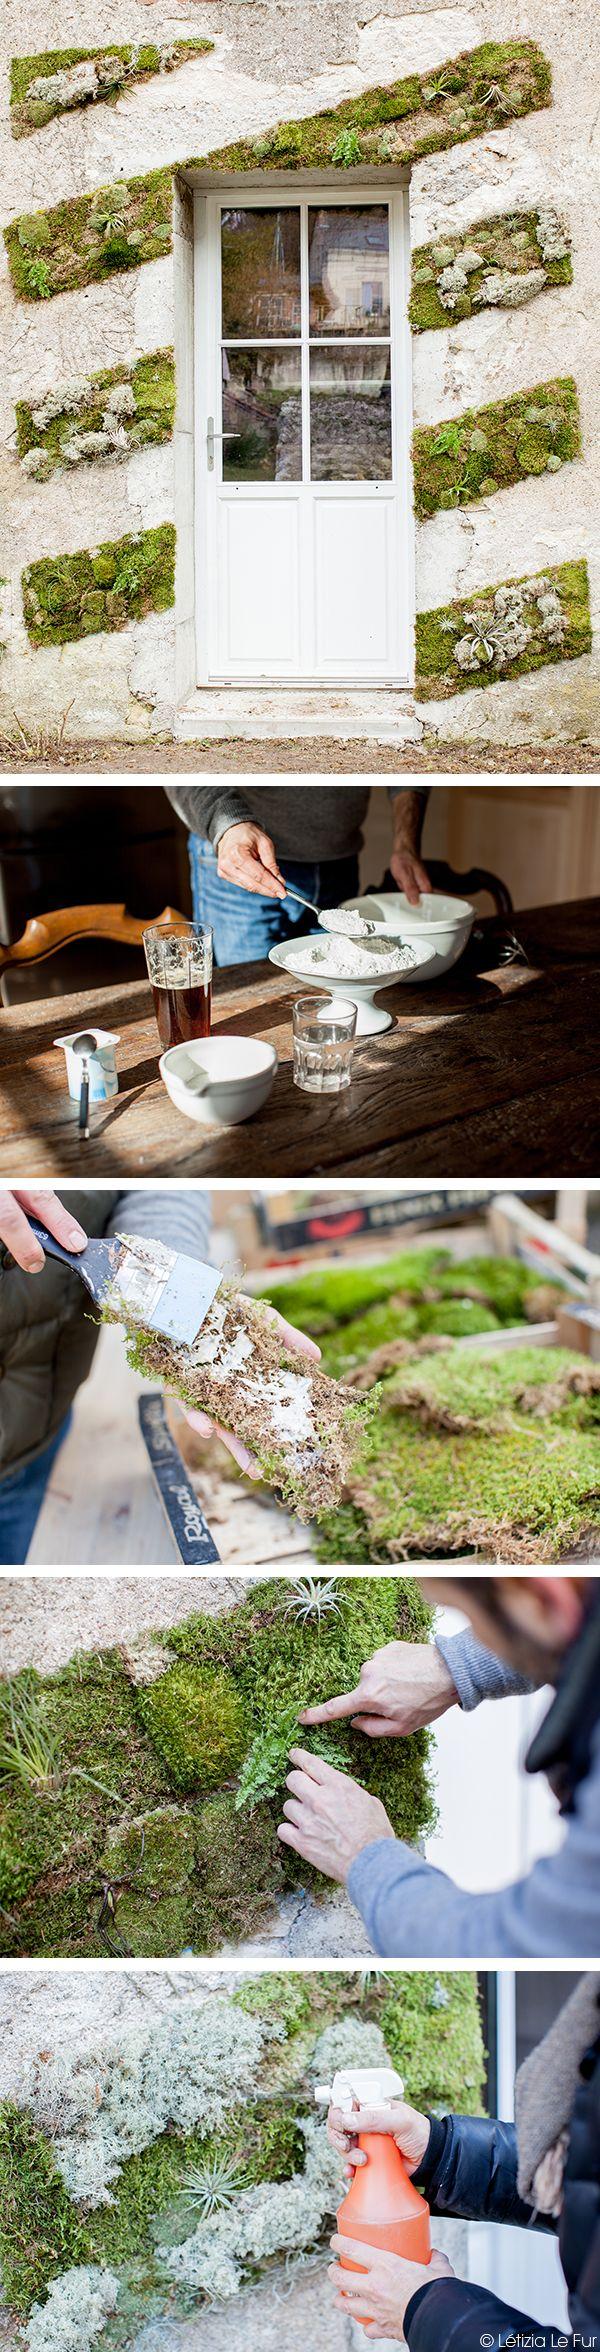 Les fournitures : Mousse des bois sous forme de plaque et de boule : 3 cagettes Tillandsia et lichen gris La préparation de la colle (pour environ 1 m2) : 1,7 kg de farine, 5 bières de 33 cl, 600 ml d'eau, 2 yaourts, 150 g de sucre en poudre Le matériel : Une casserole usagée, une spatule Préparation : Dans la casserole, sur feu doux, mélangez, dans l'ordre, la farine, les bières, l'eau, les yaourts et le sucre. Continuez de remuer la préparation jusqu'à obtenir un mélange homogène. #diy